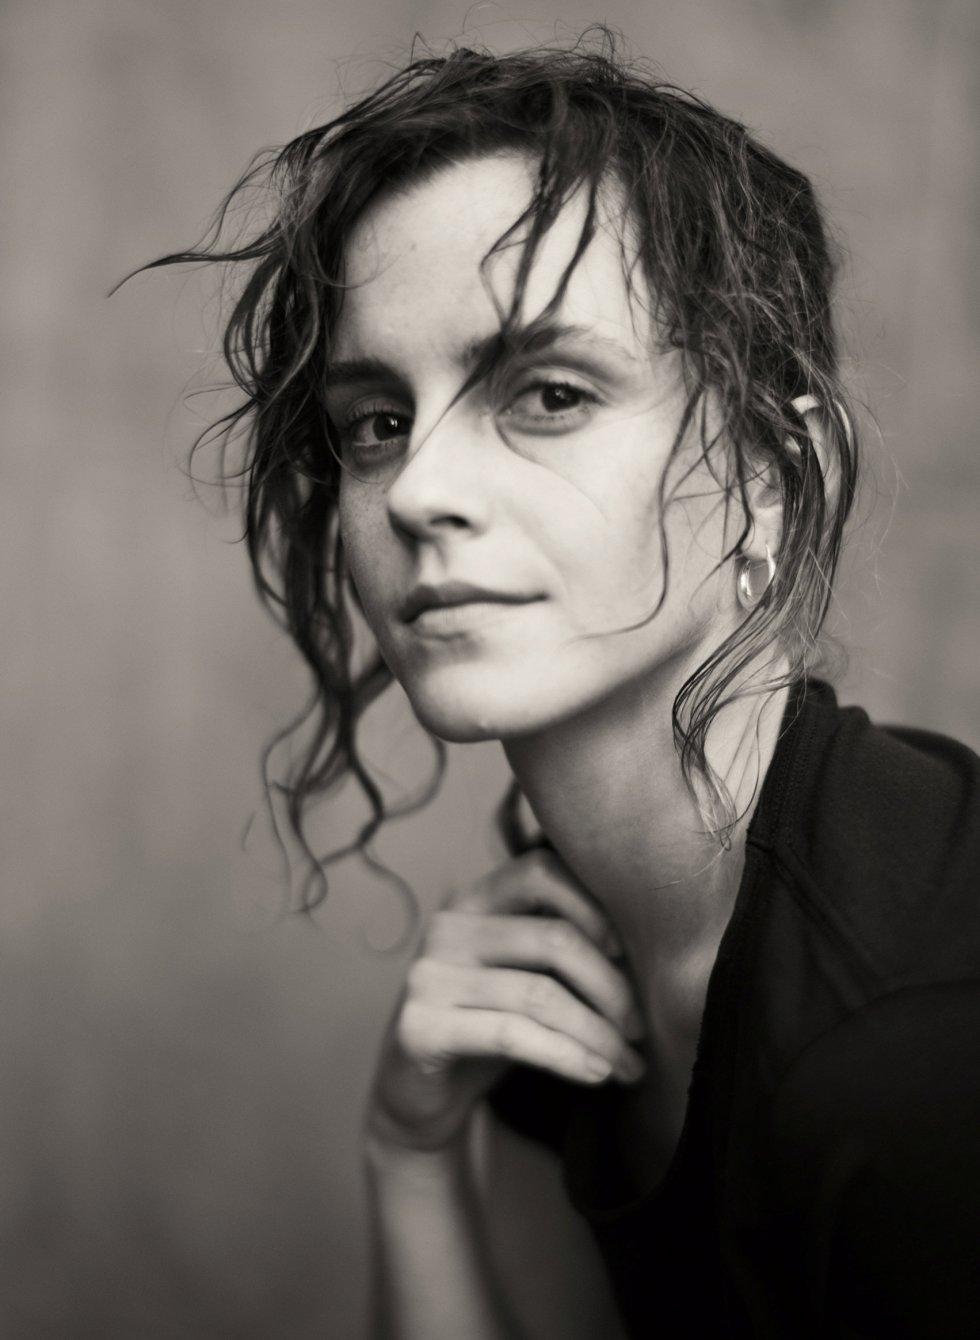 Fotografía de la actriz Emma Watson para el calendario Pirellli.